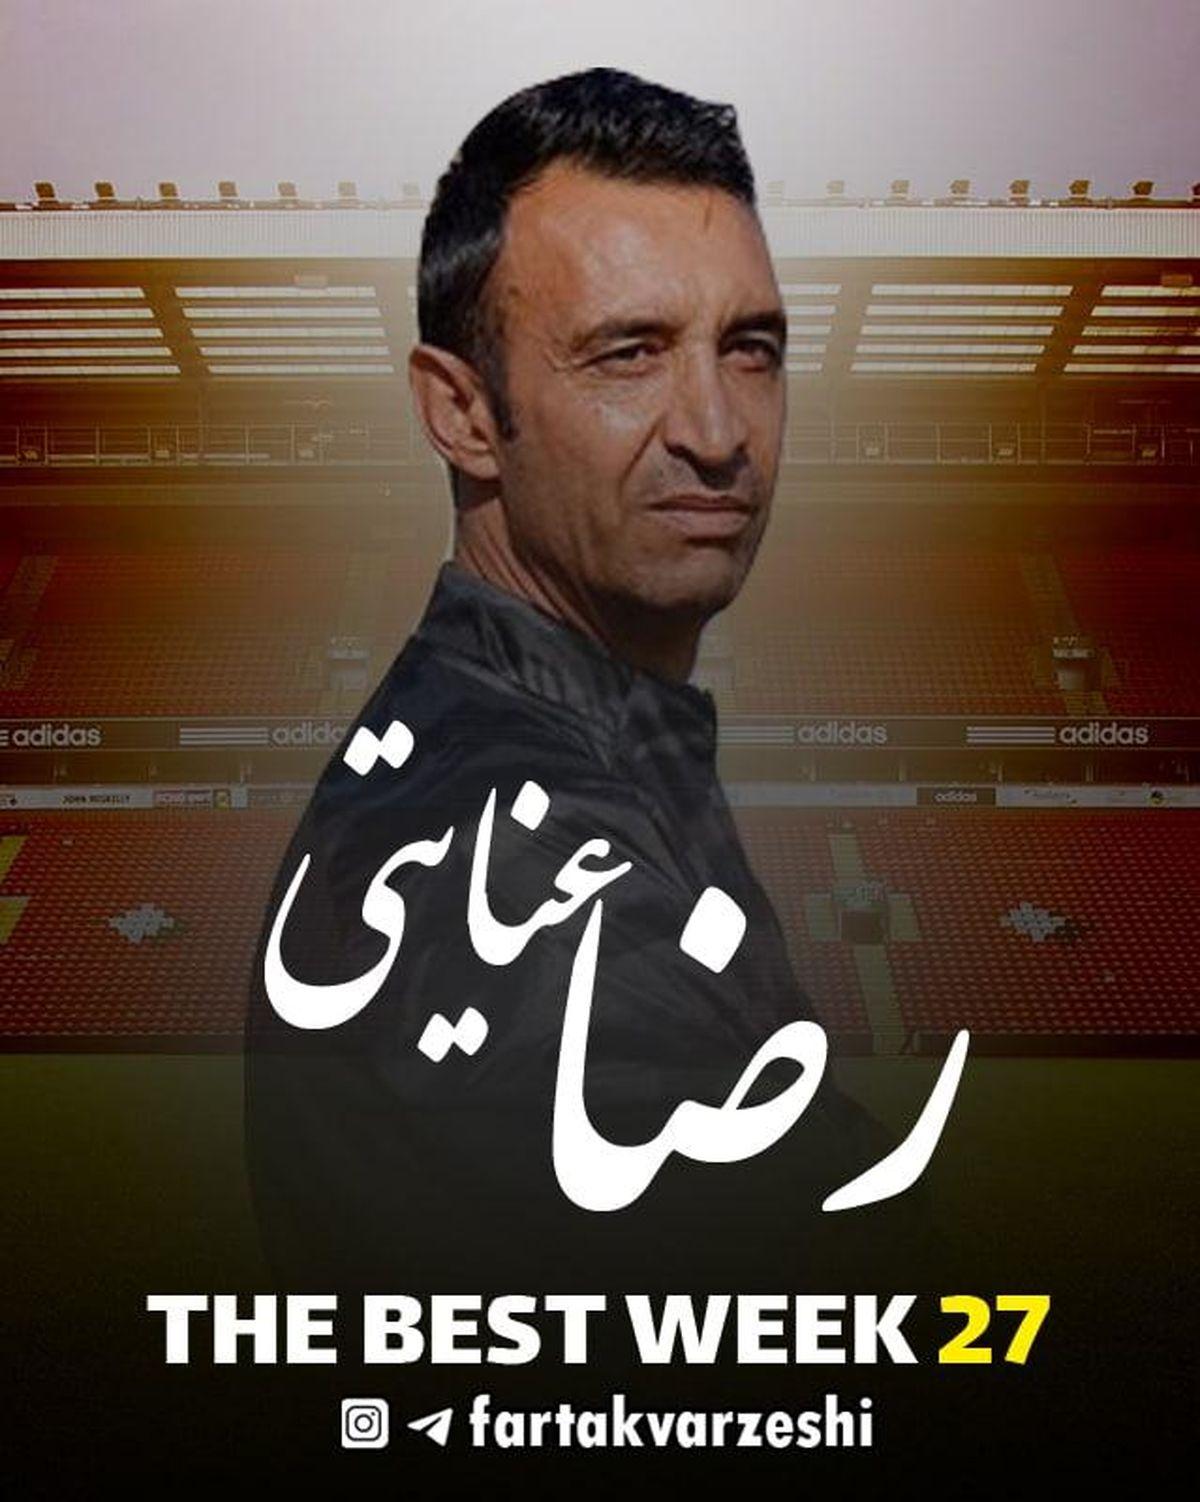 معرفی بهترین مربی هفته بیست و هفتم لیگ دسته یک